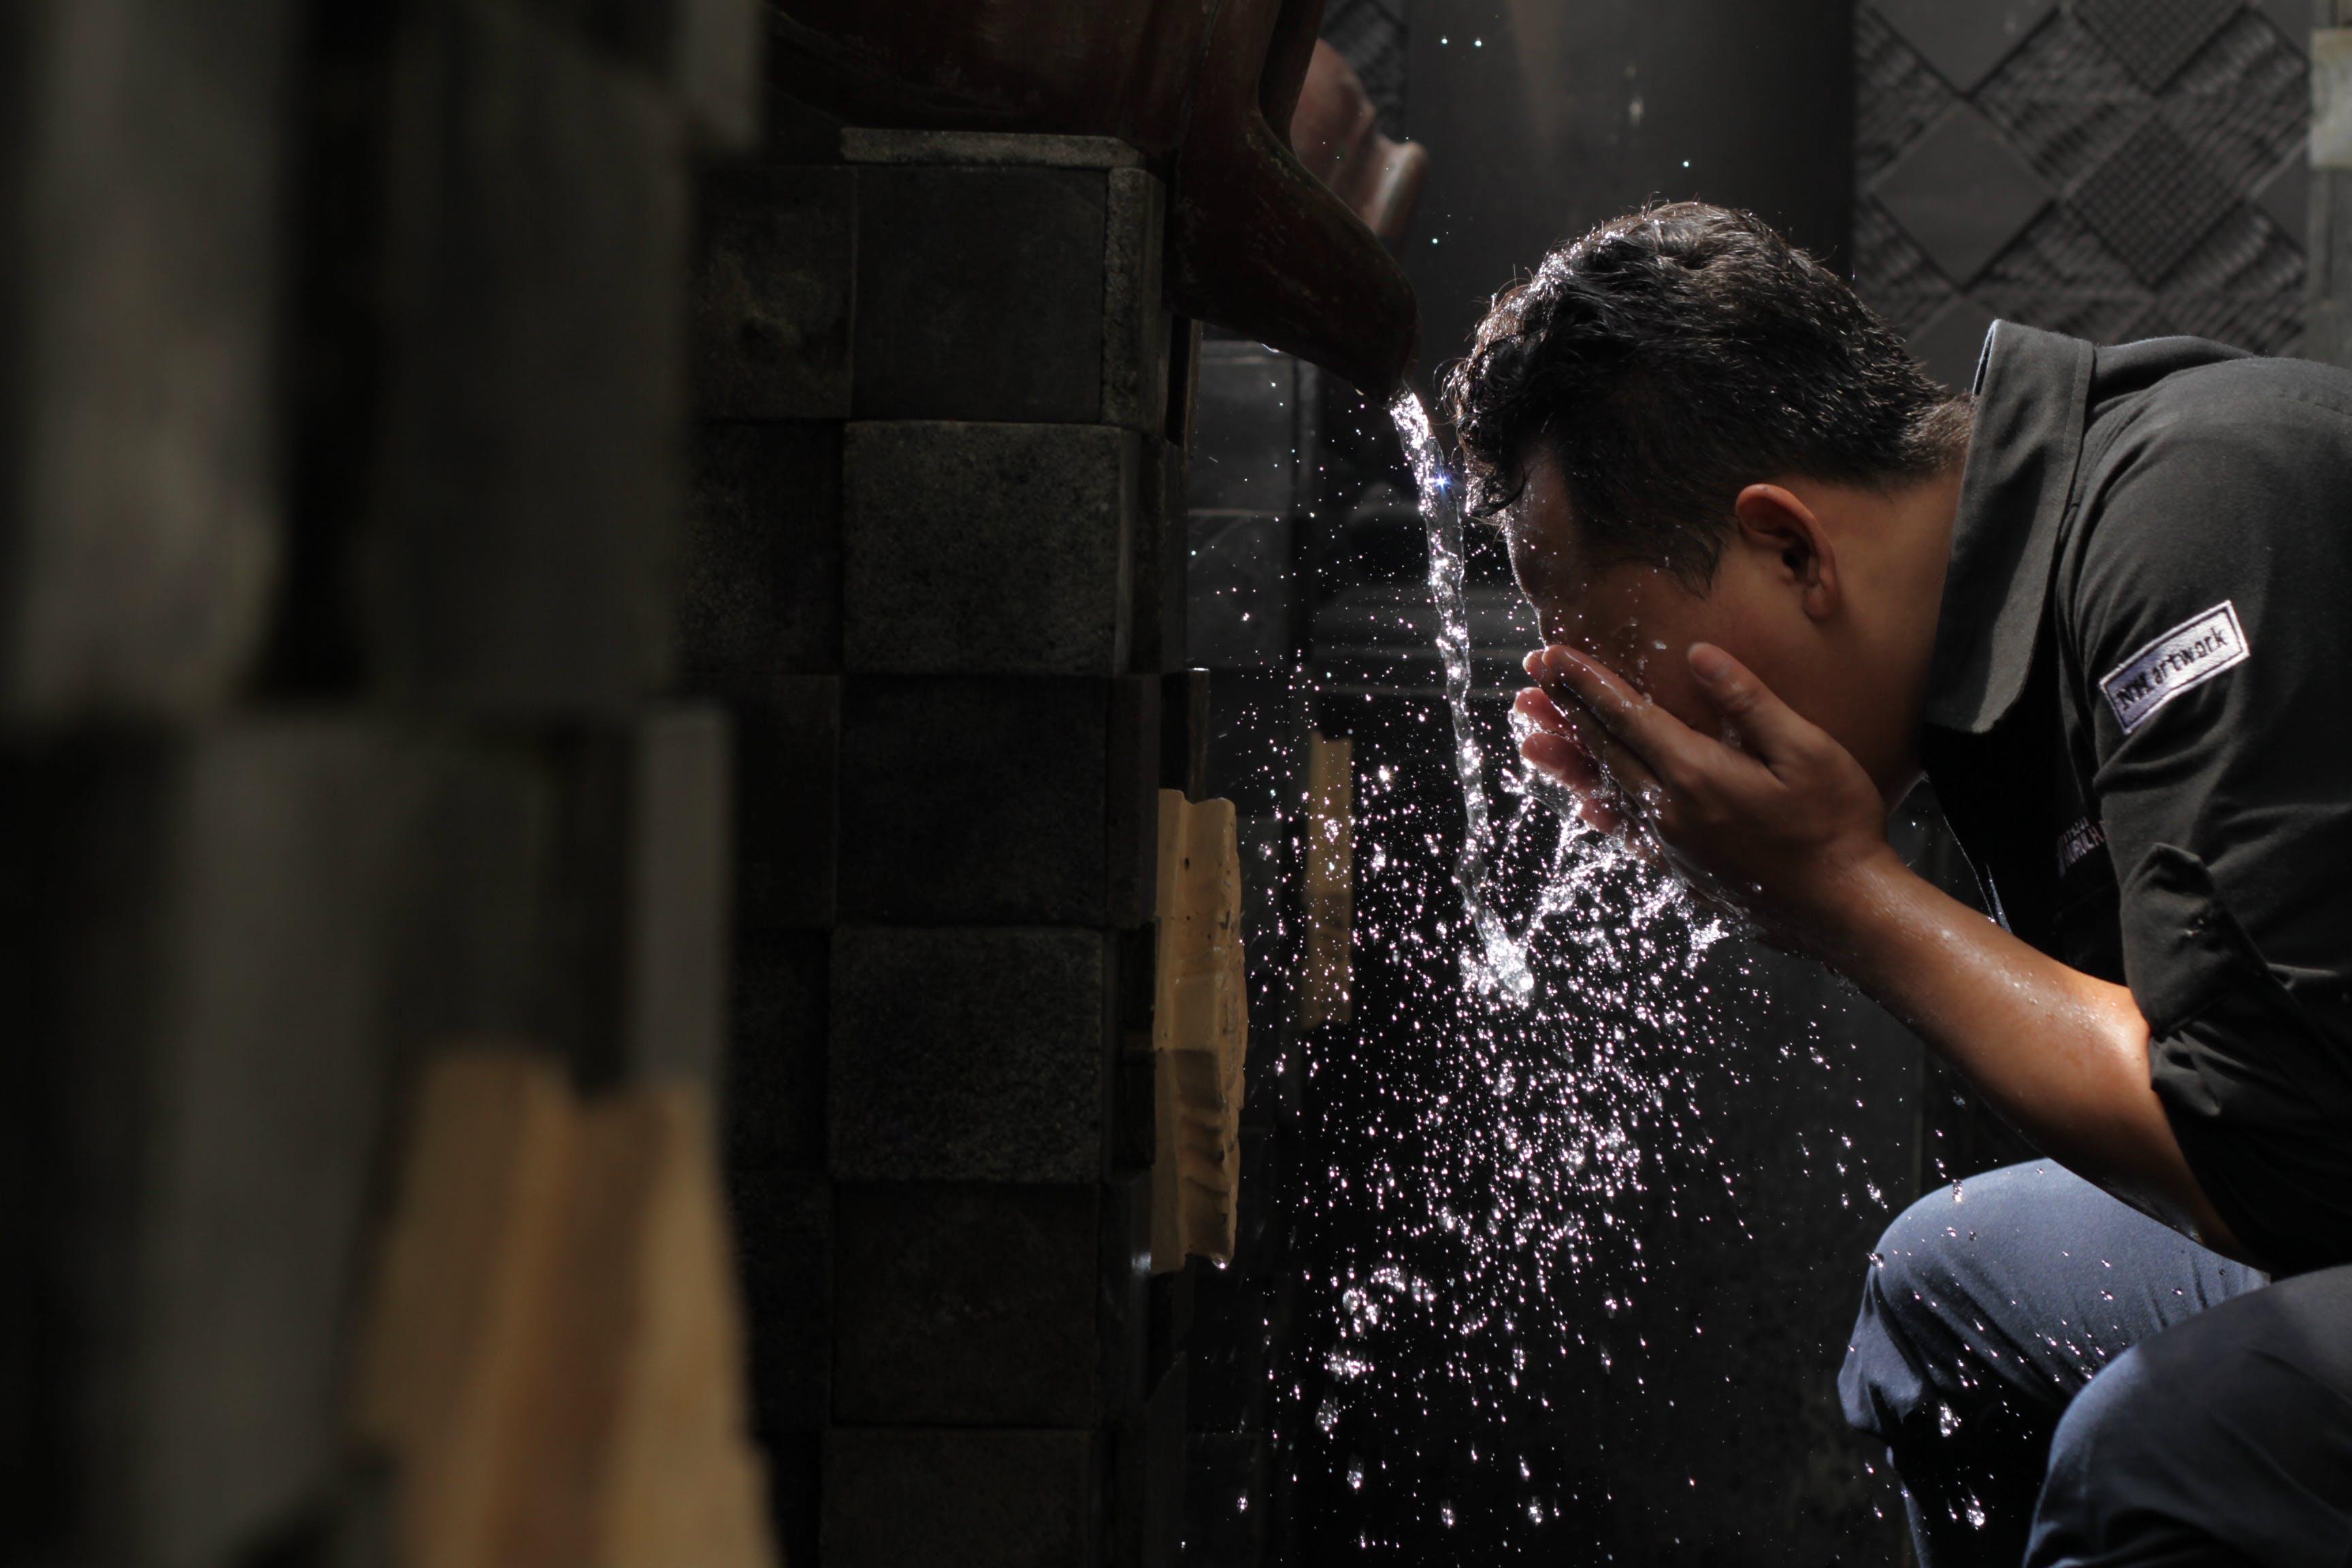 Man in Black Shirt Washing His Face